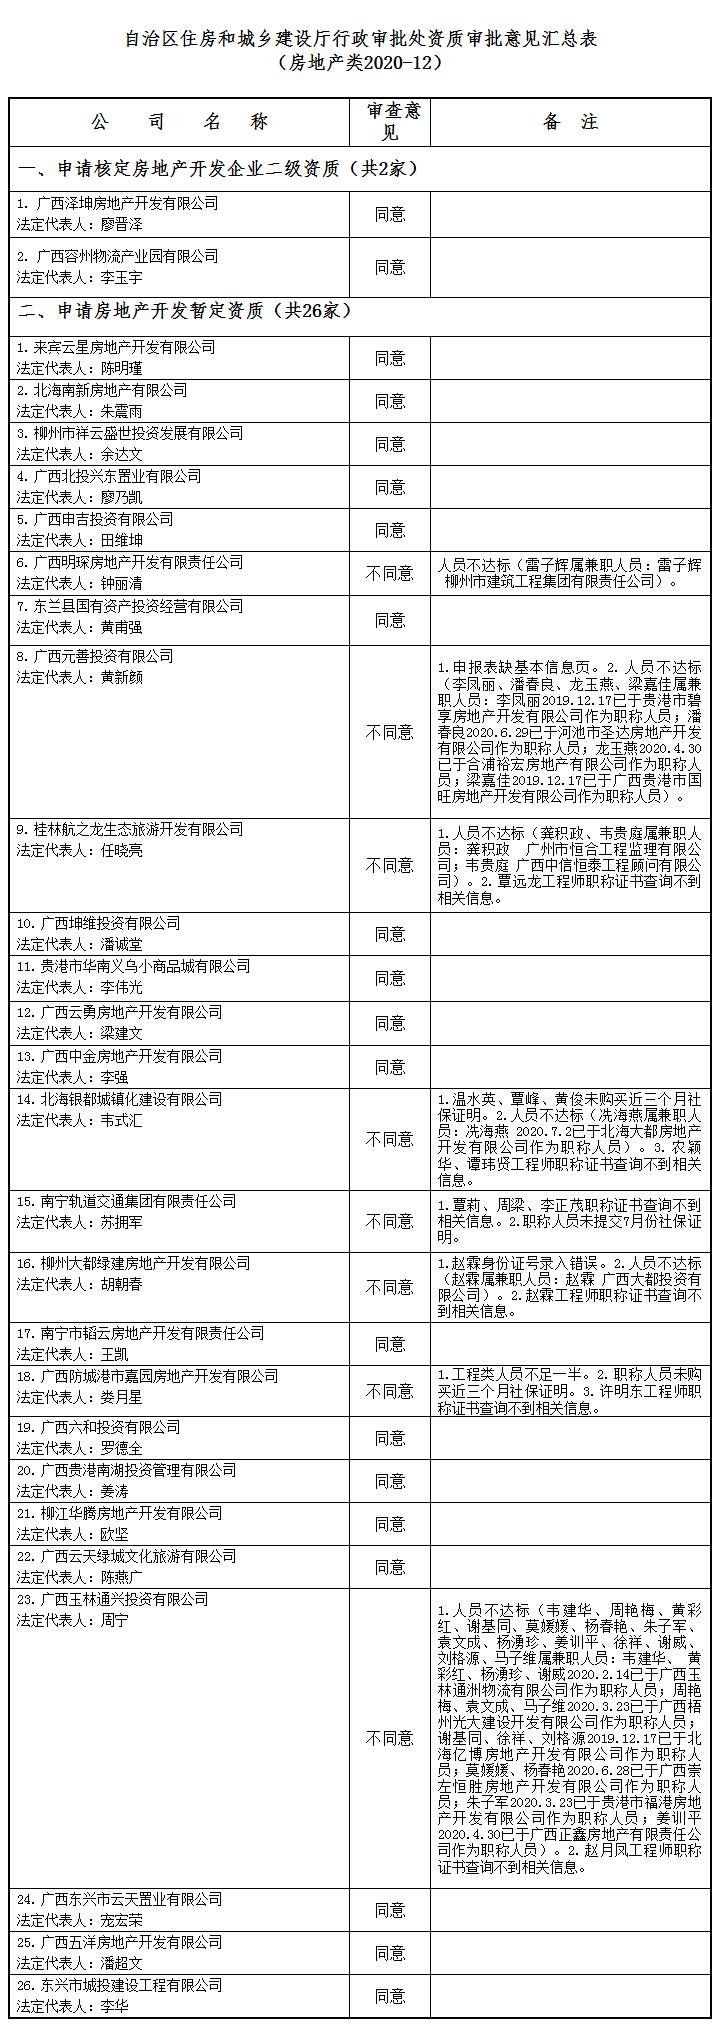 广西建设网--_关于公布2020年第12批房地产企业资质(资格)结果的公告(1679号).png